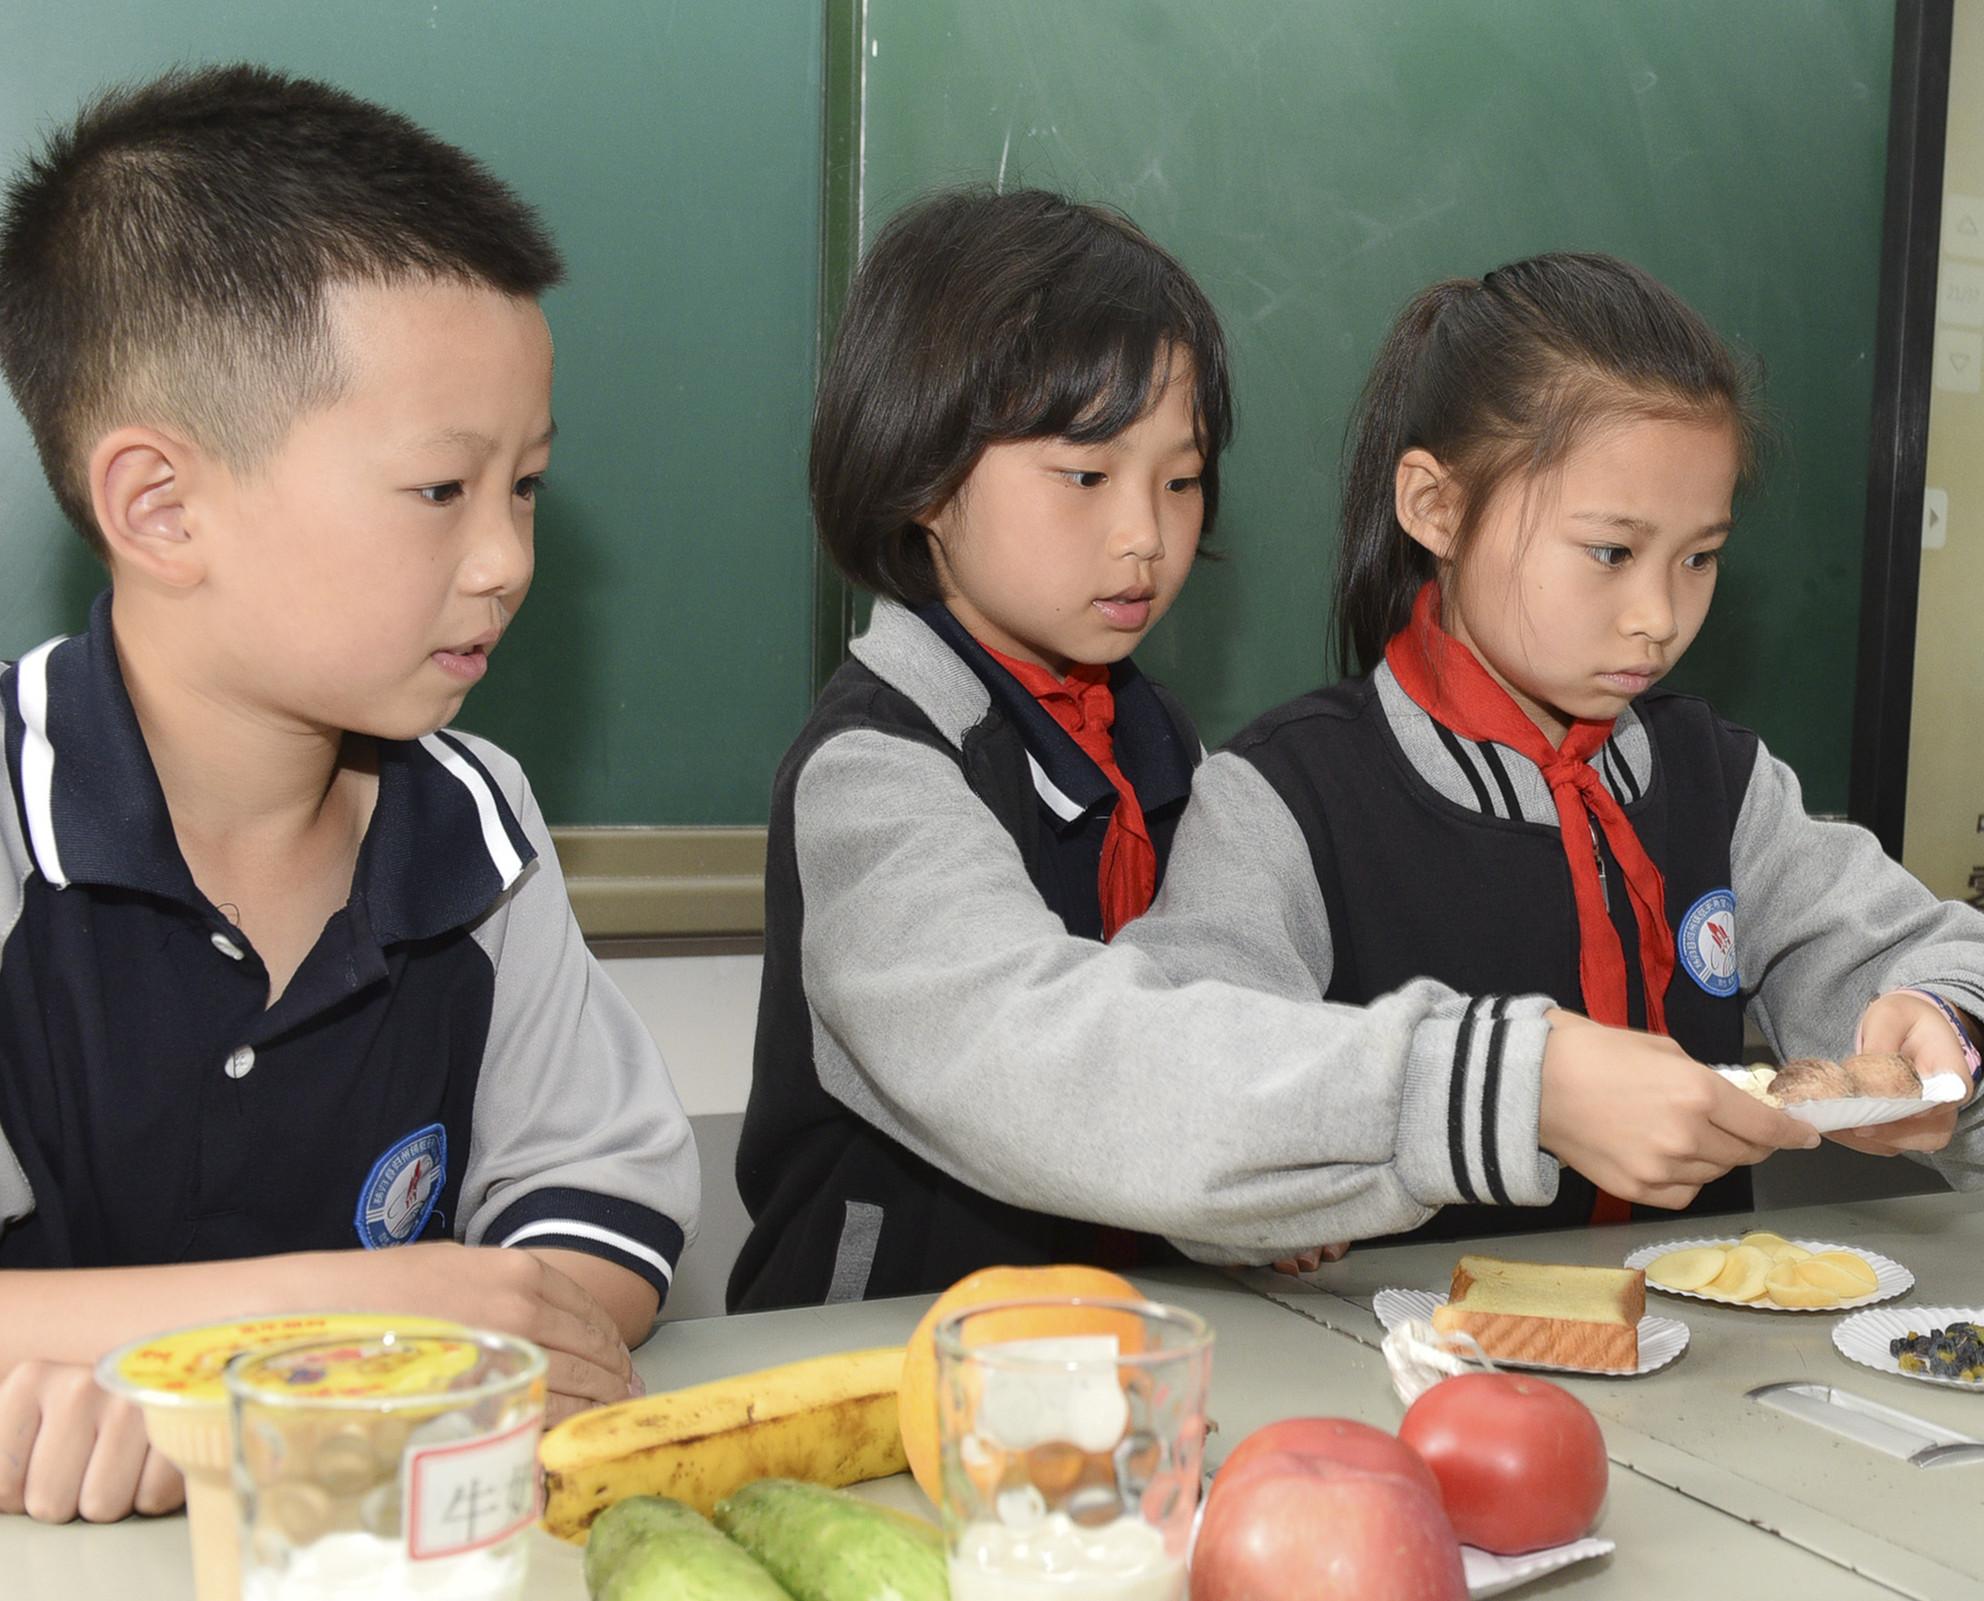 学会膳食算盘法,孩子吃的更健康